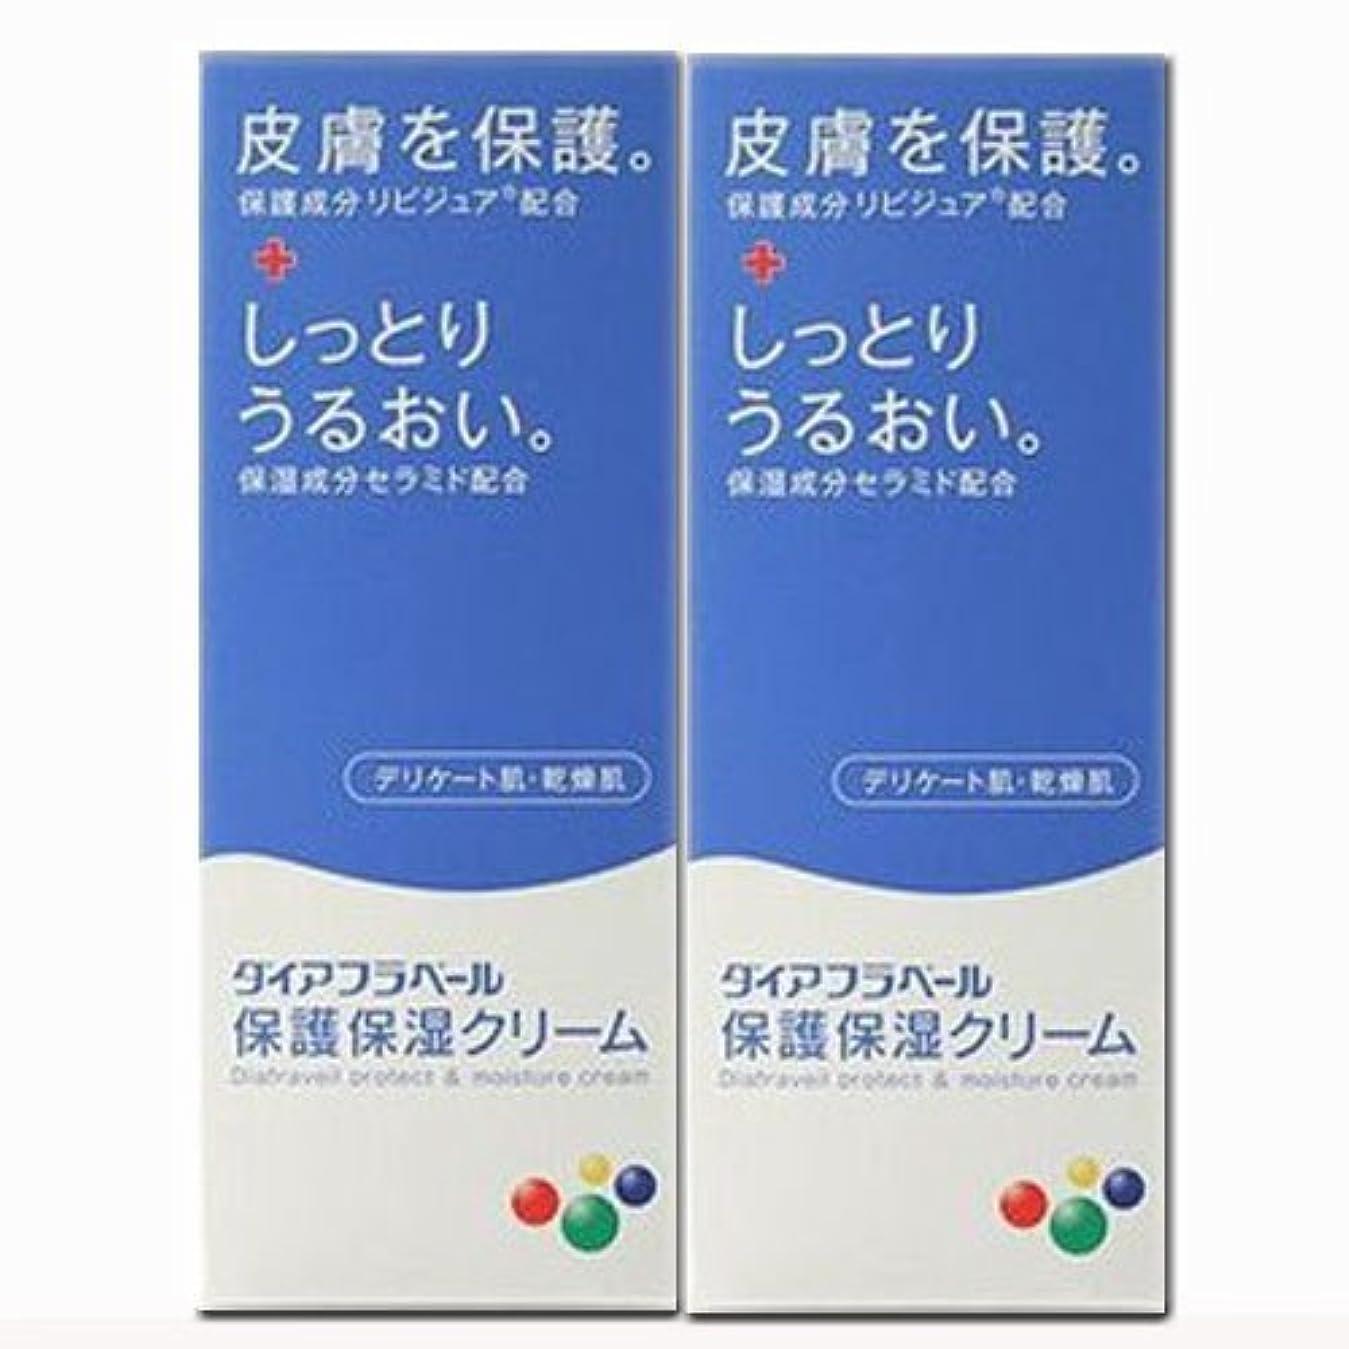 【2個】ダイアフラベール 保護保湿クリーム 60gx2個 (4987360200539-2)